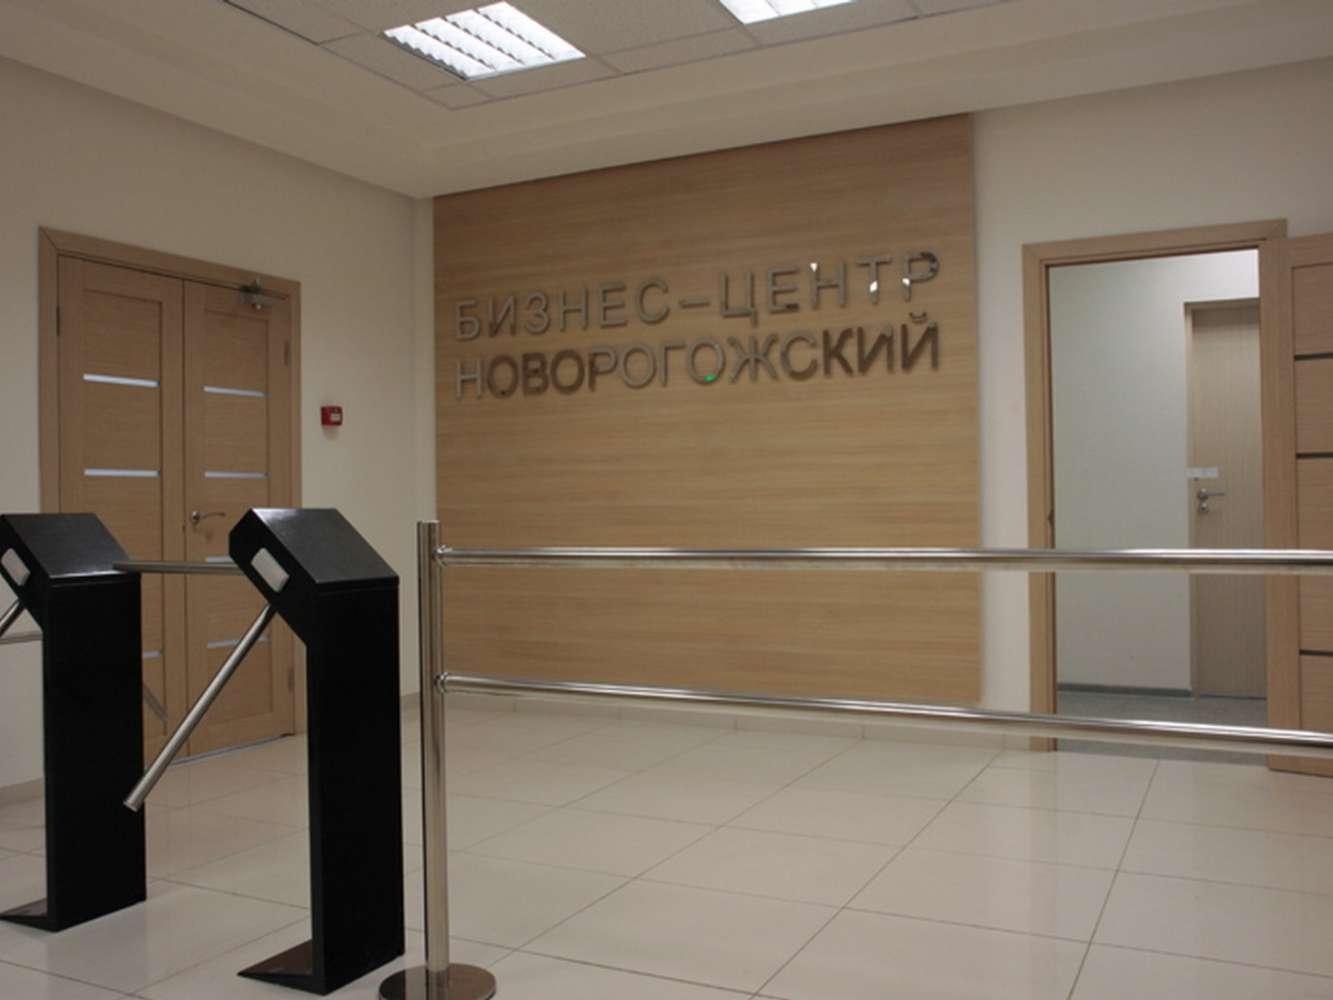 Офисная недвижимость Москва,  - Новорогожский - 35